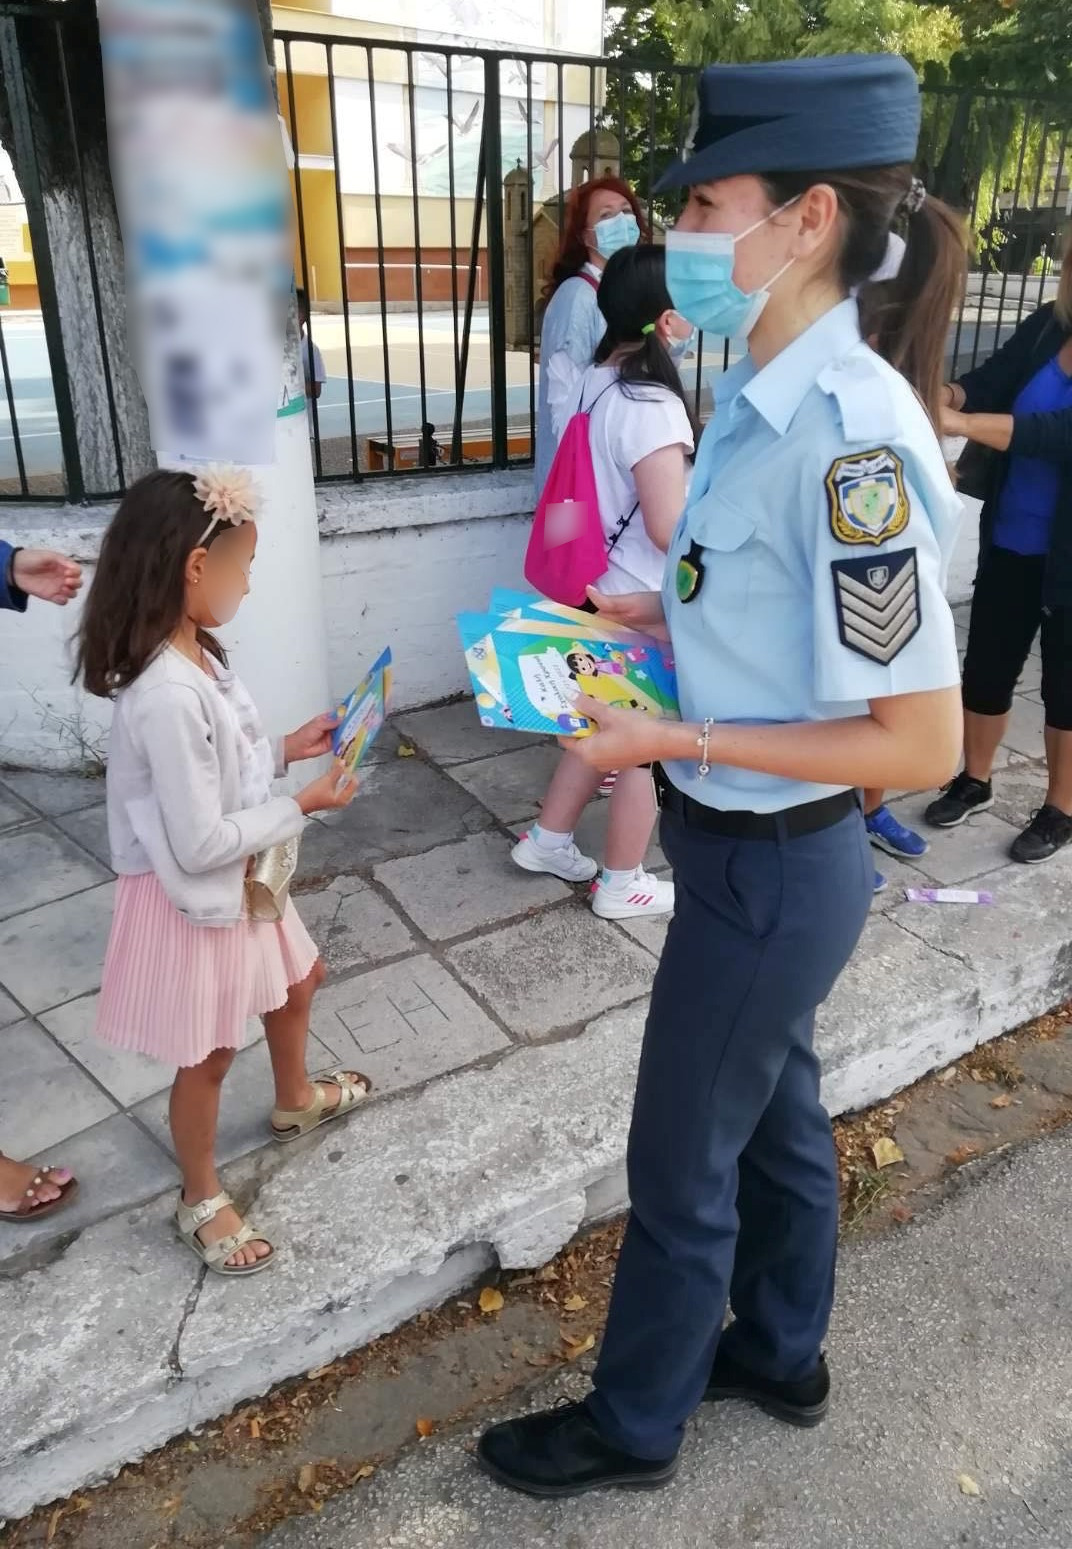 Η Ελληνική Αστυνομία βρέθηκε στα δημοτικά σχολεία της Ανατολικής Μακεδονίας και της Θράκης